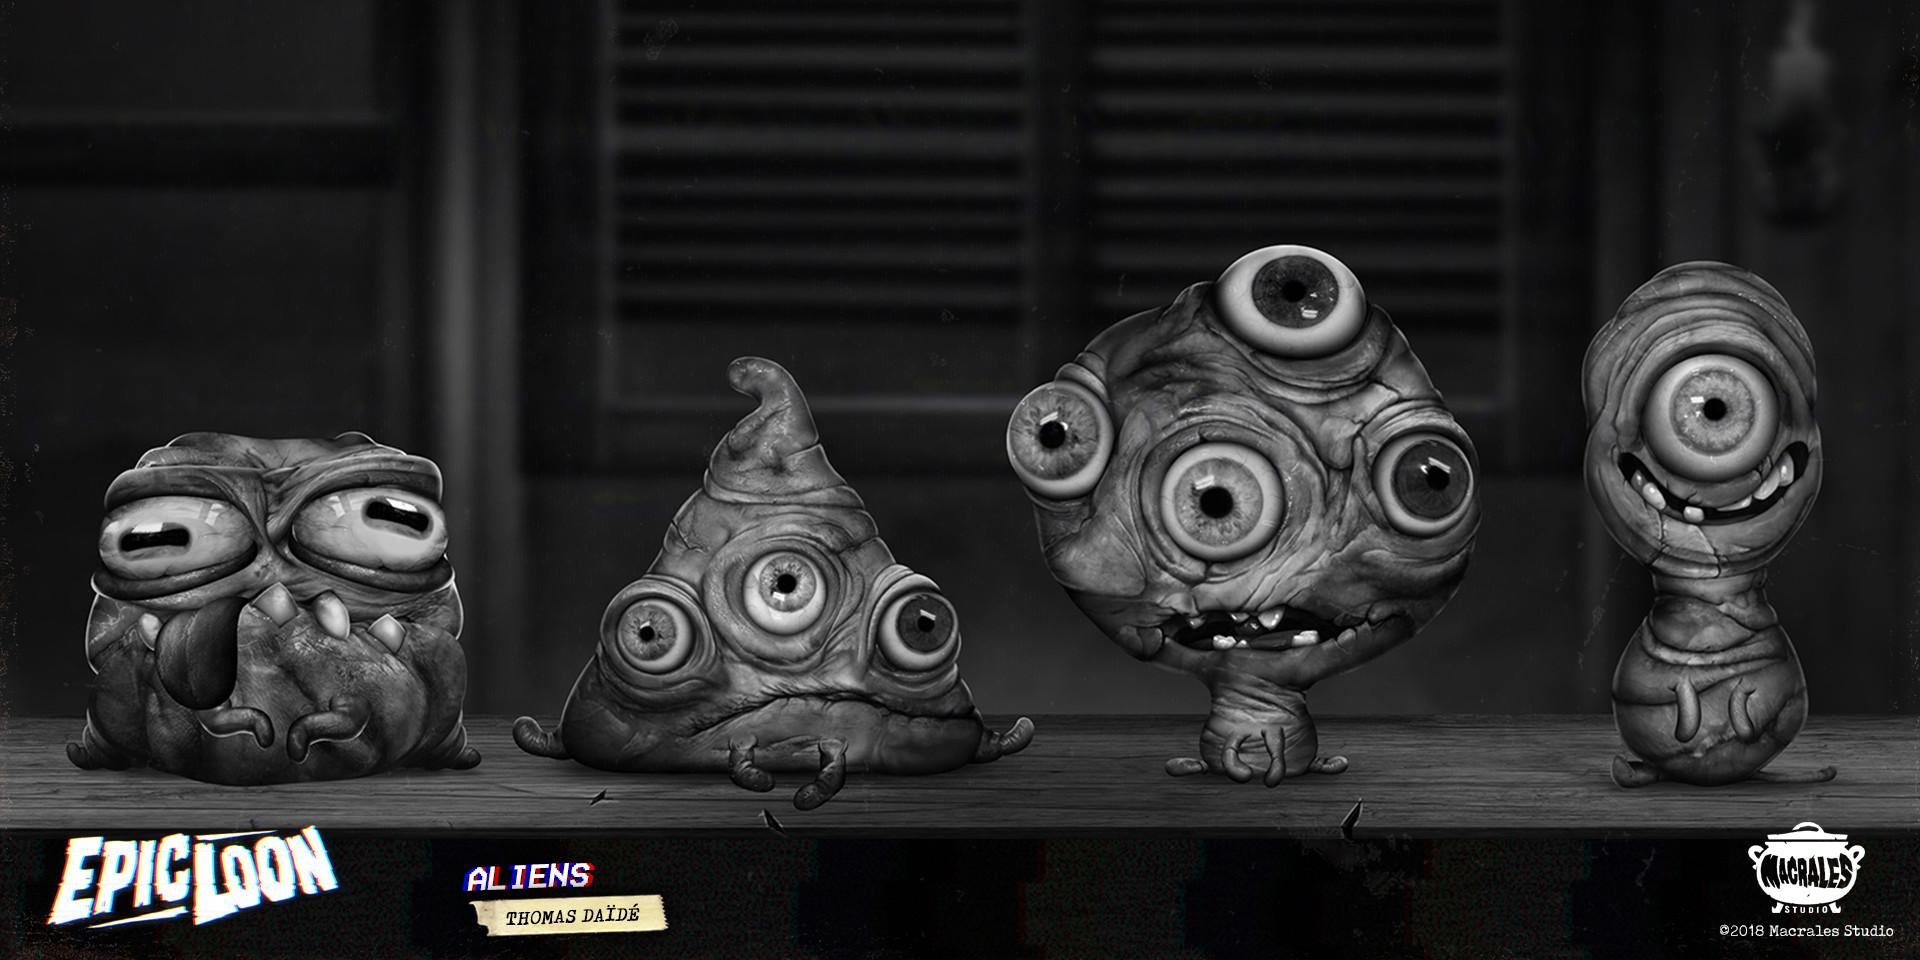 Thomas daide tdaide el aliens01